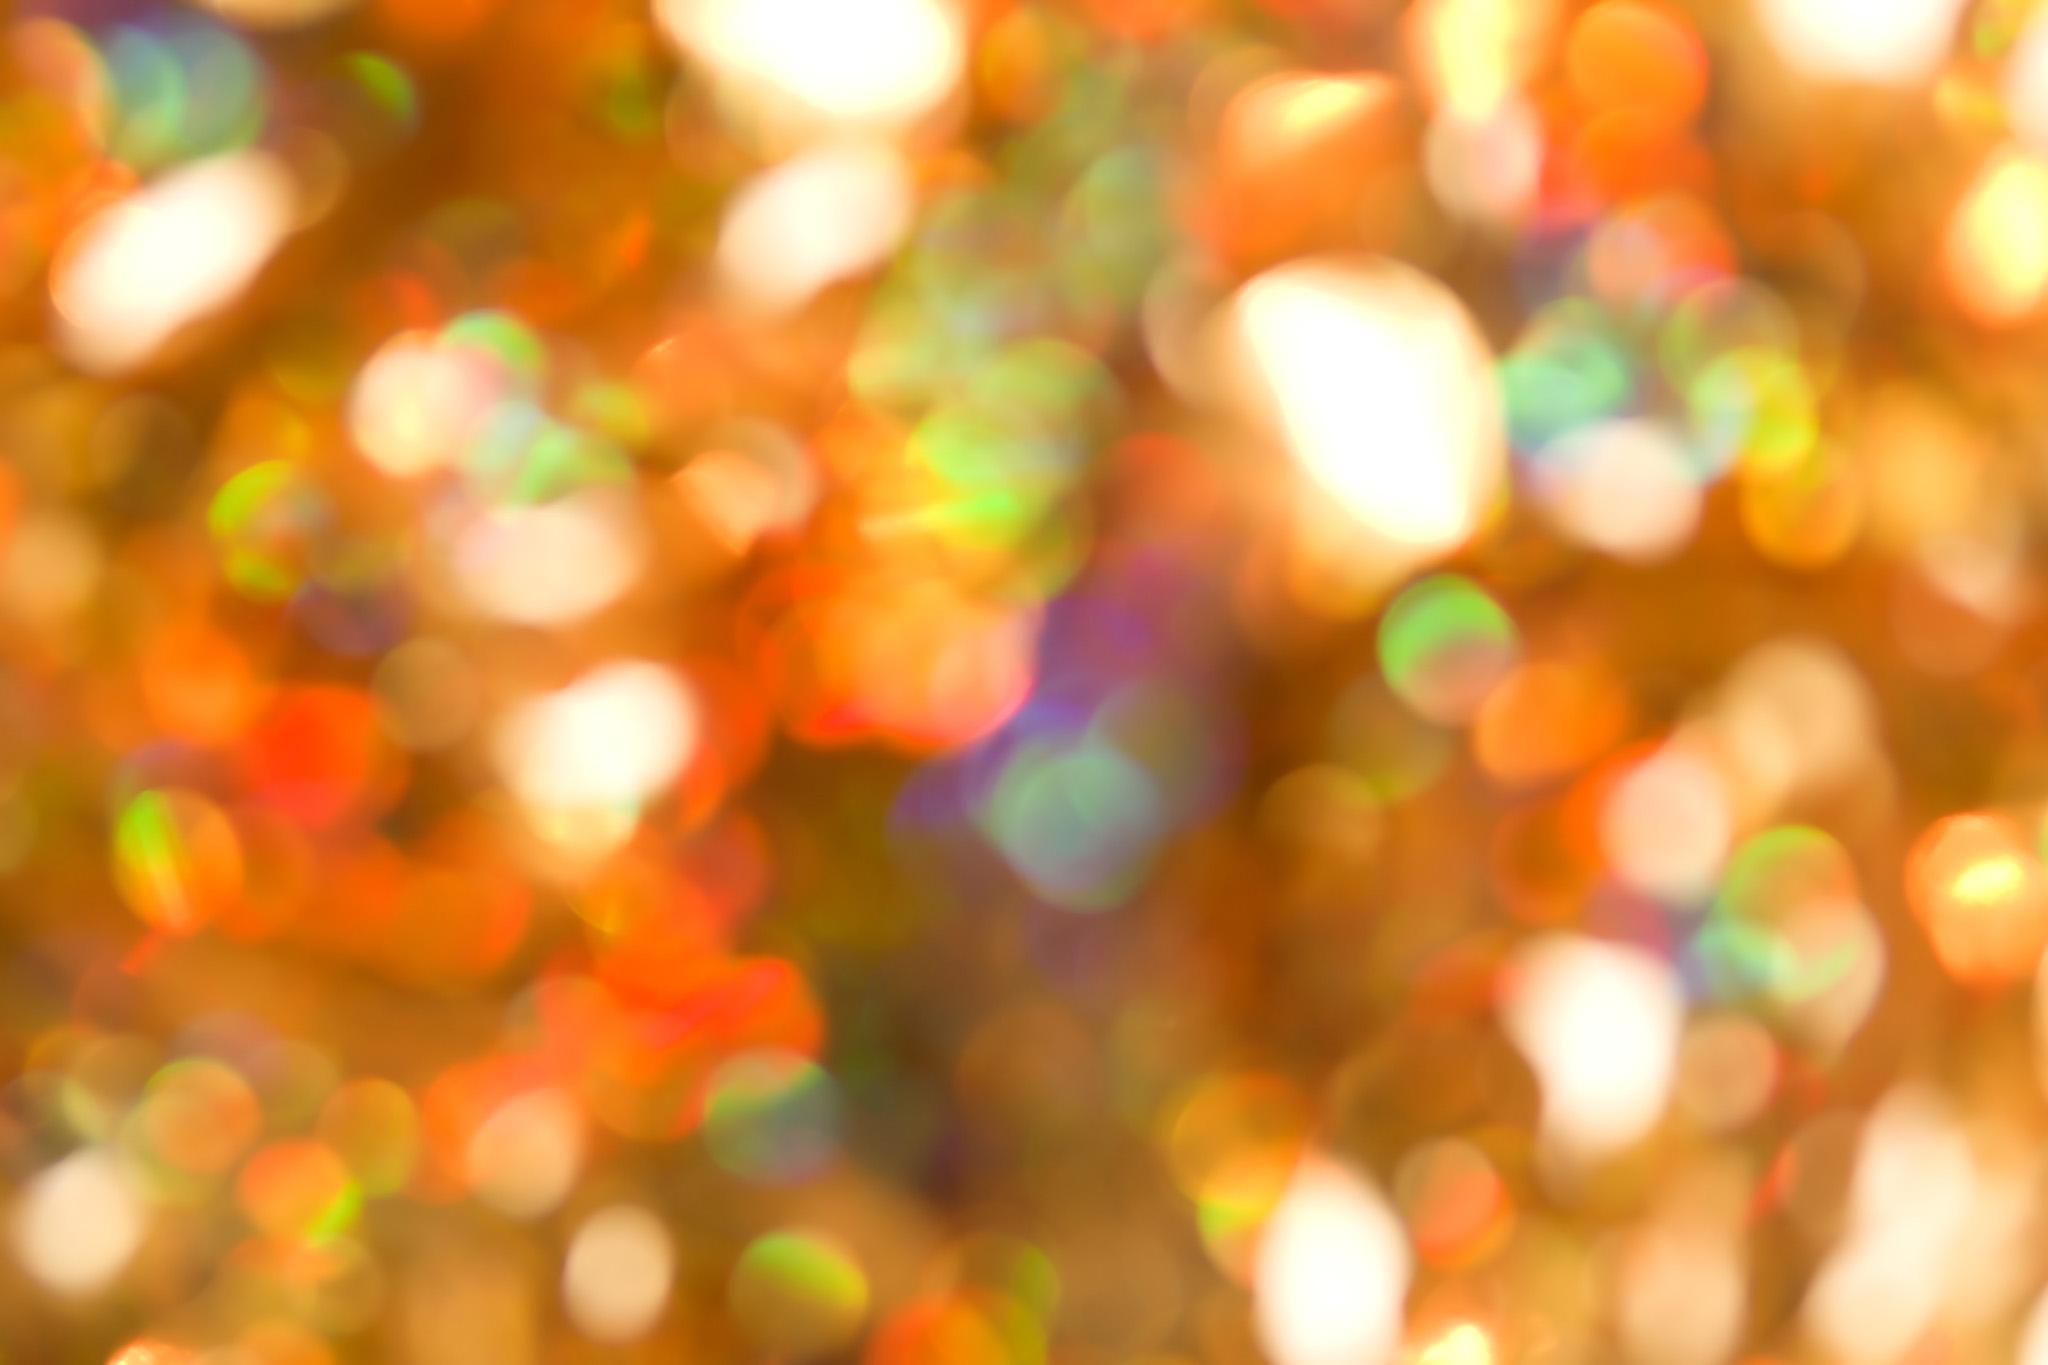 「カラフルな光のボケ」の背景を無料ダウンロード